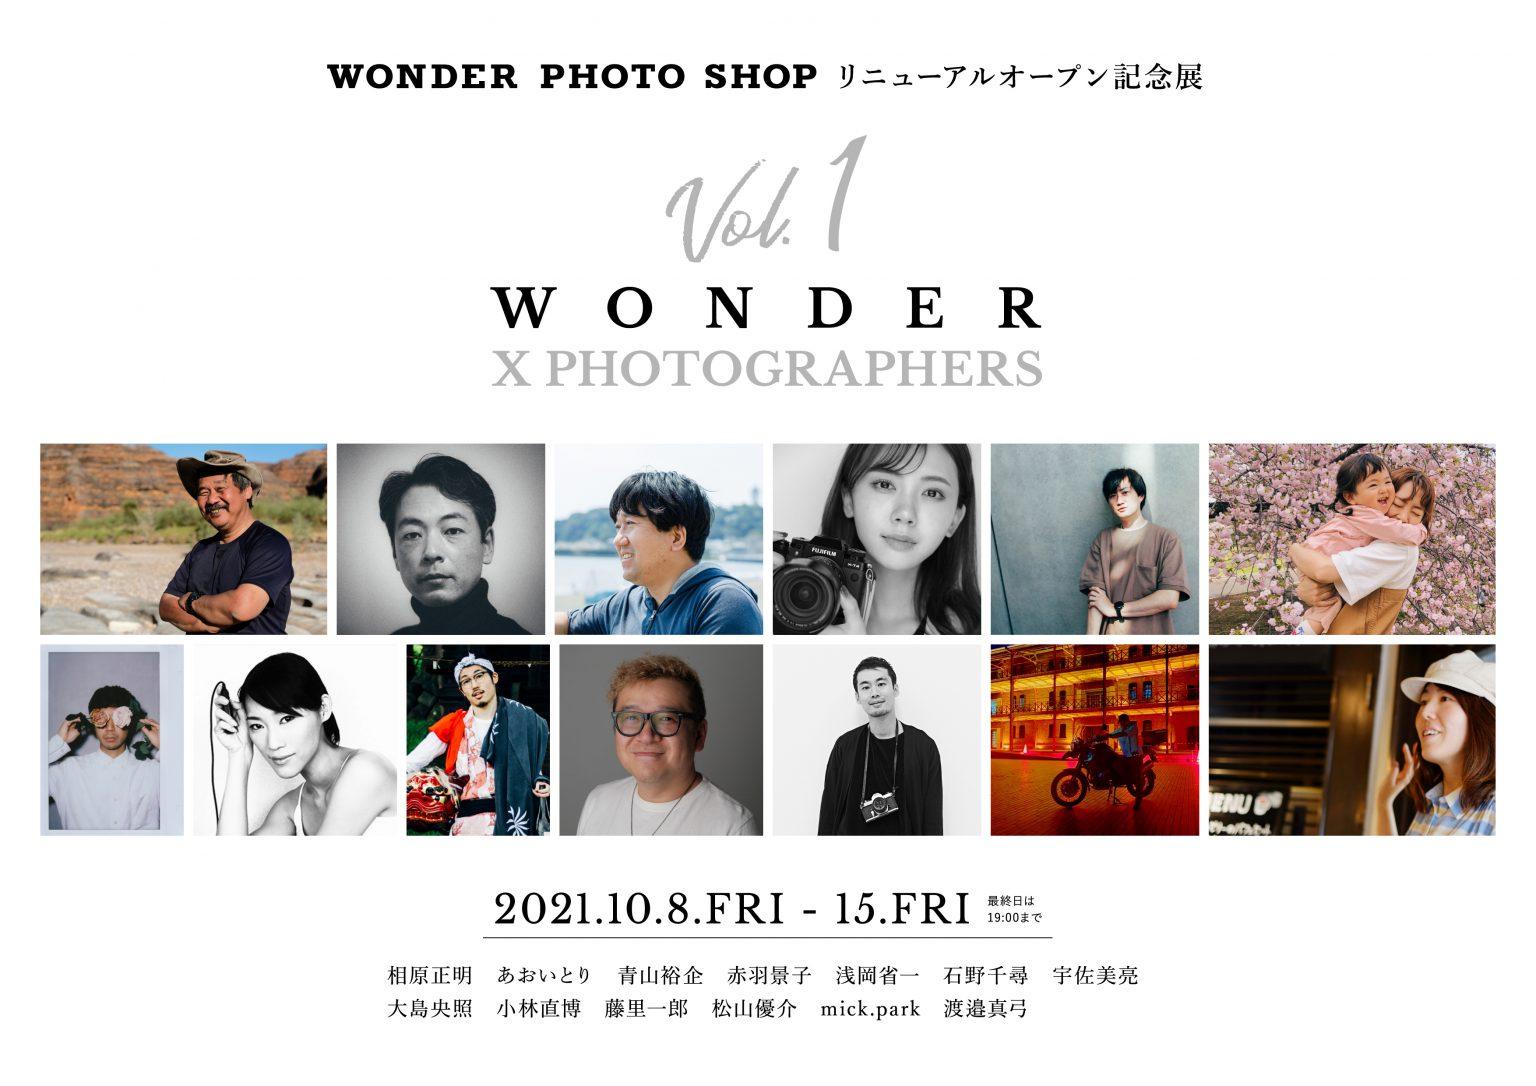 東京で作品展示10/8-10/15